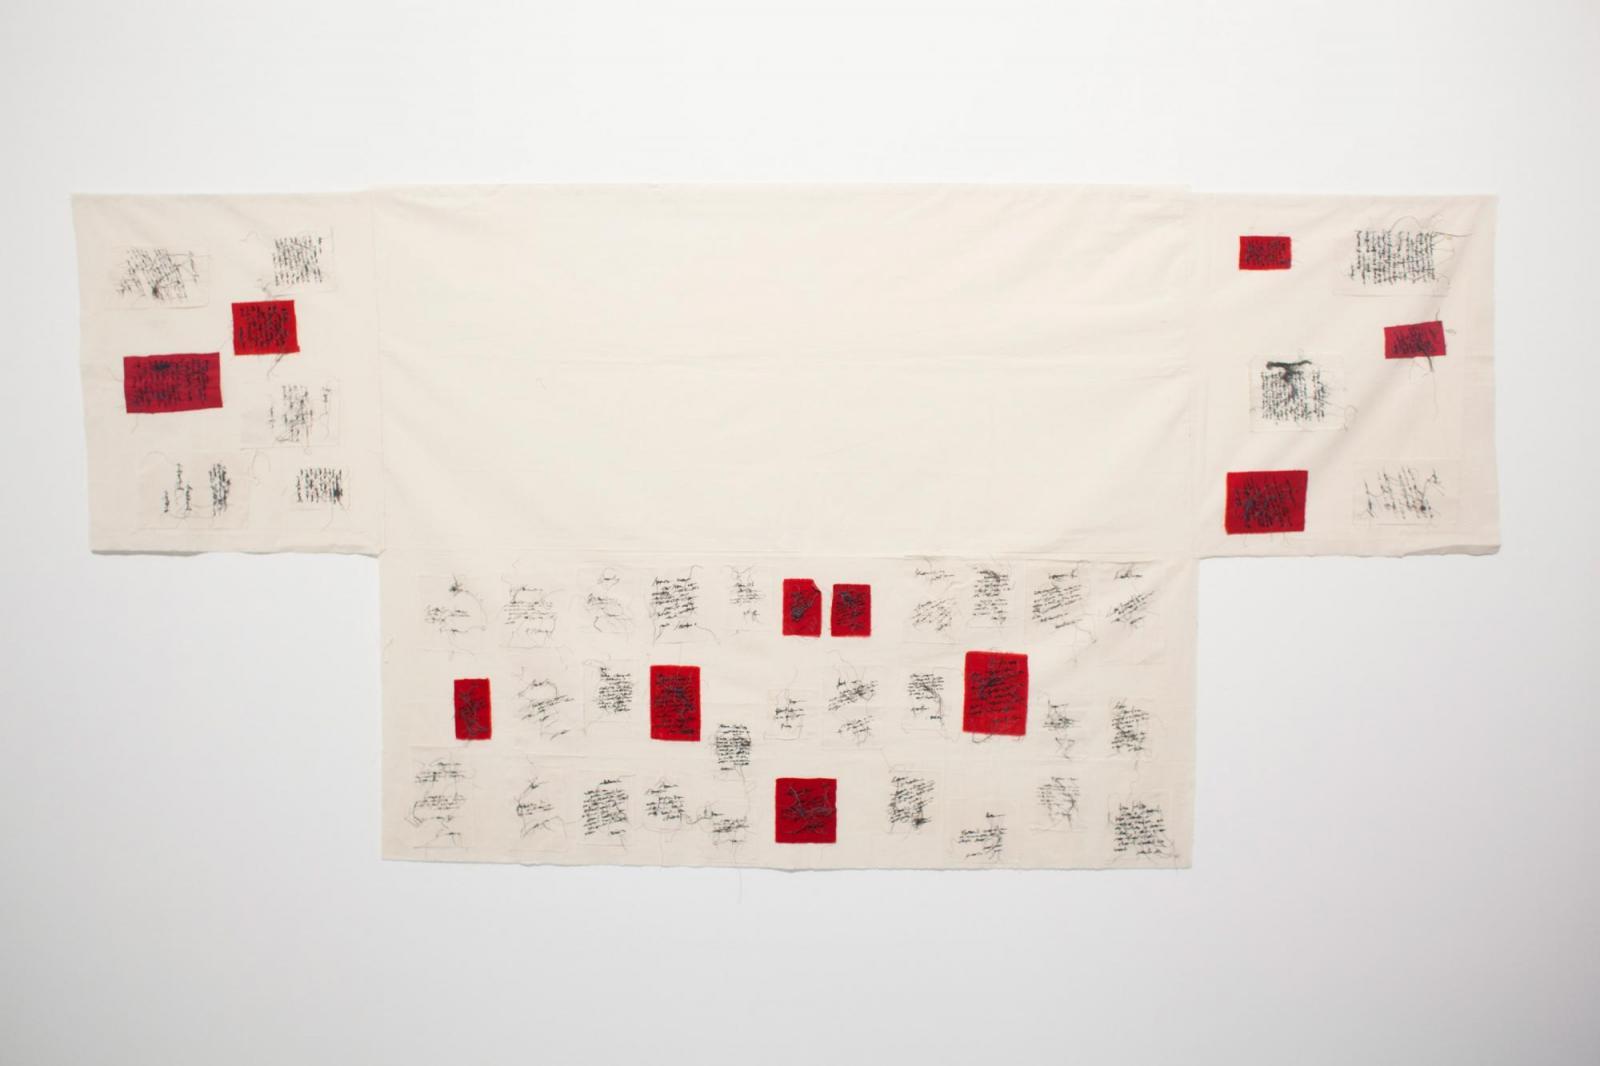 Maria Lai Various works(1981-2008) Photo: Italo Rondinella